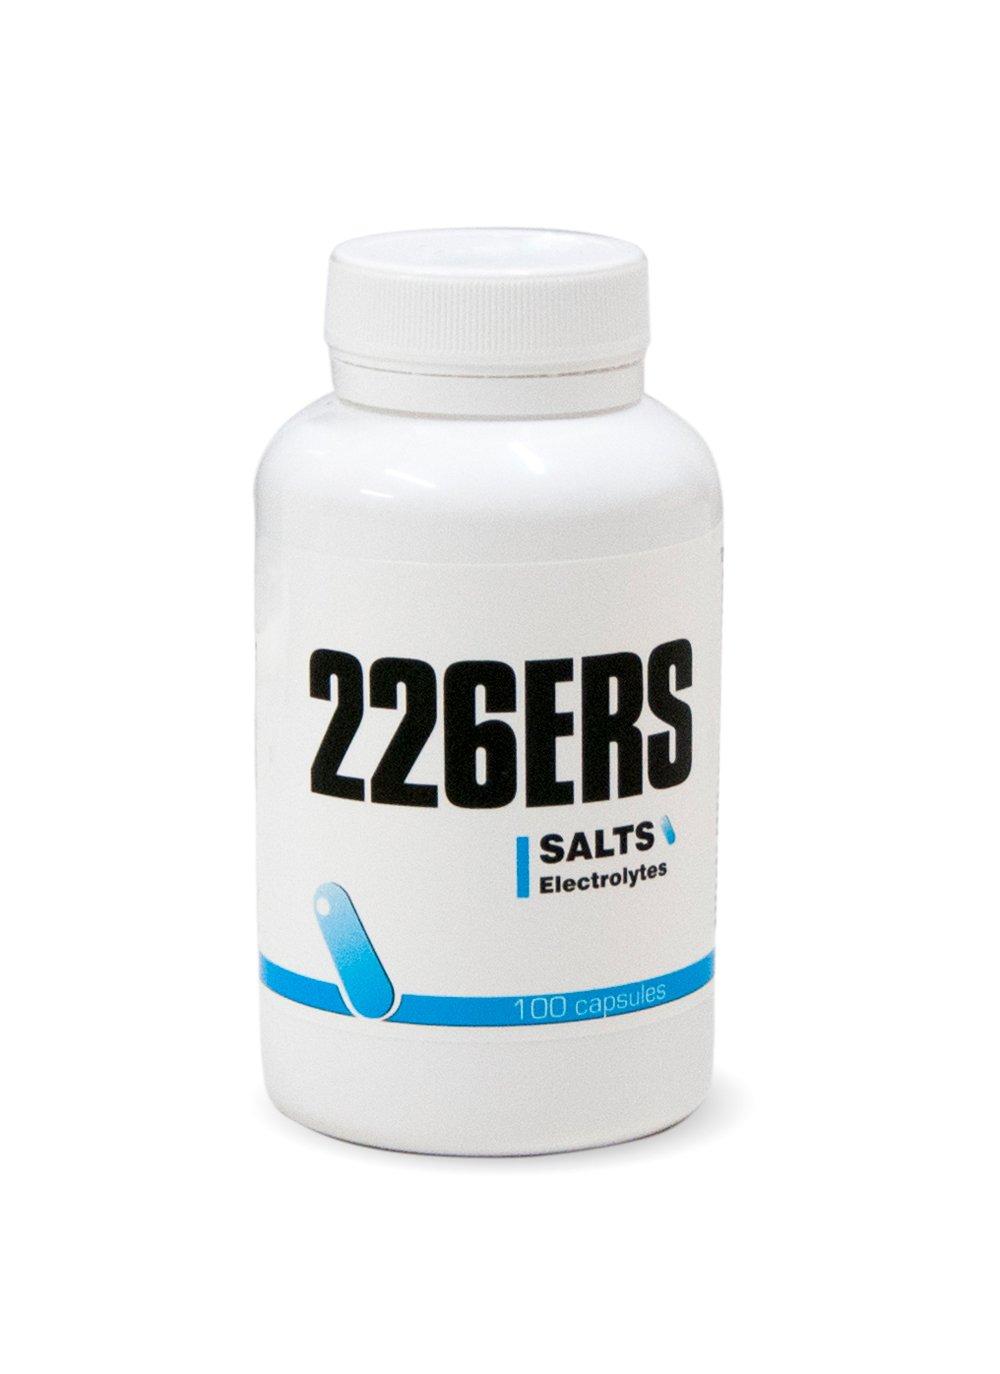 226ERS Salts Electrolytes Cápsulas de Sales Minerales y Vitaminas - 120 gr product image